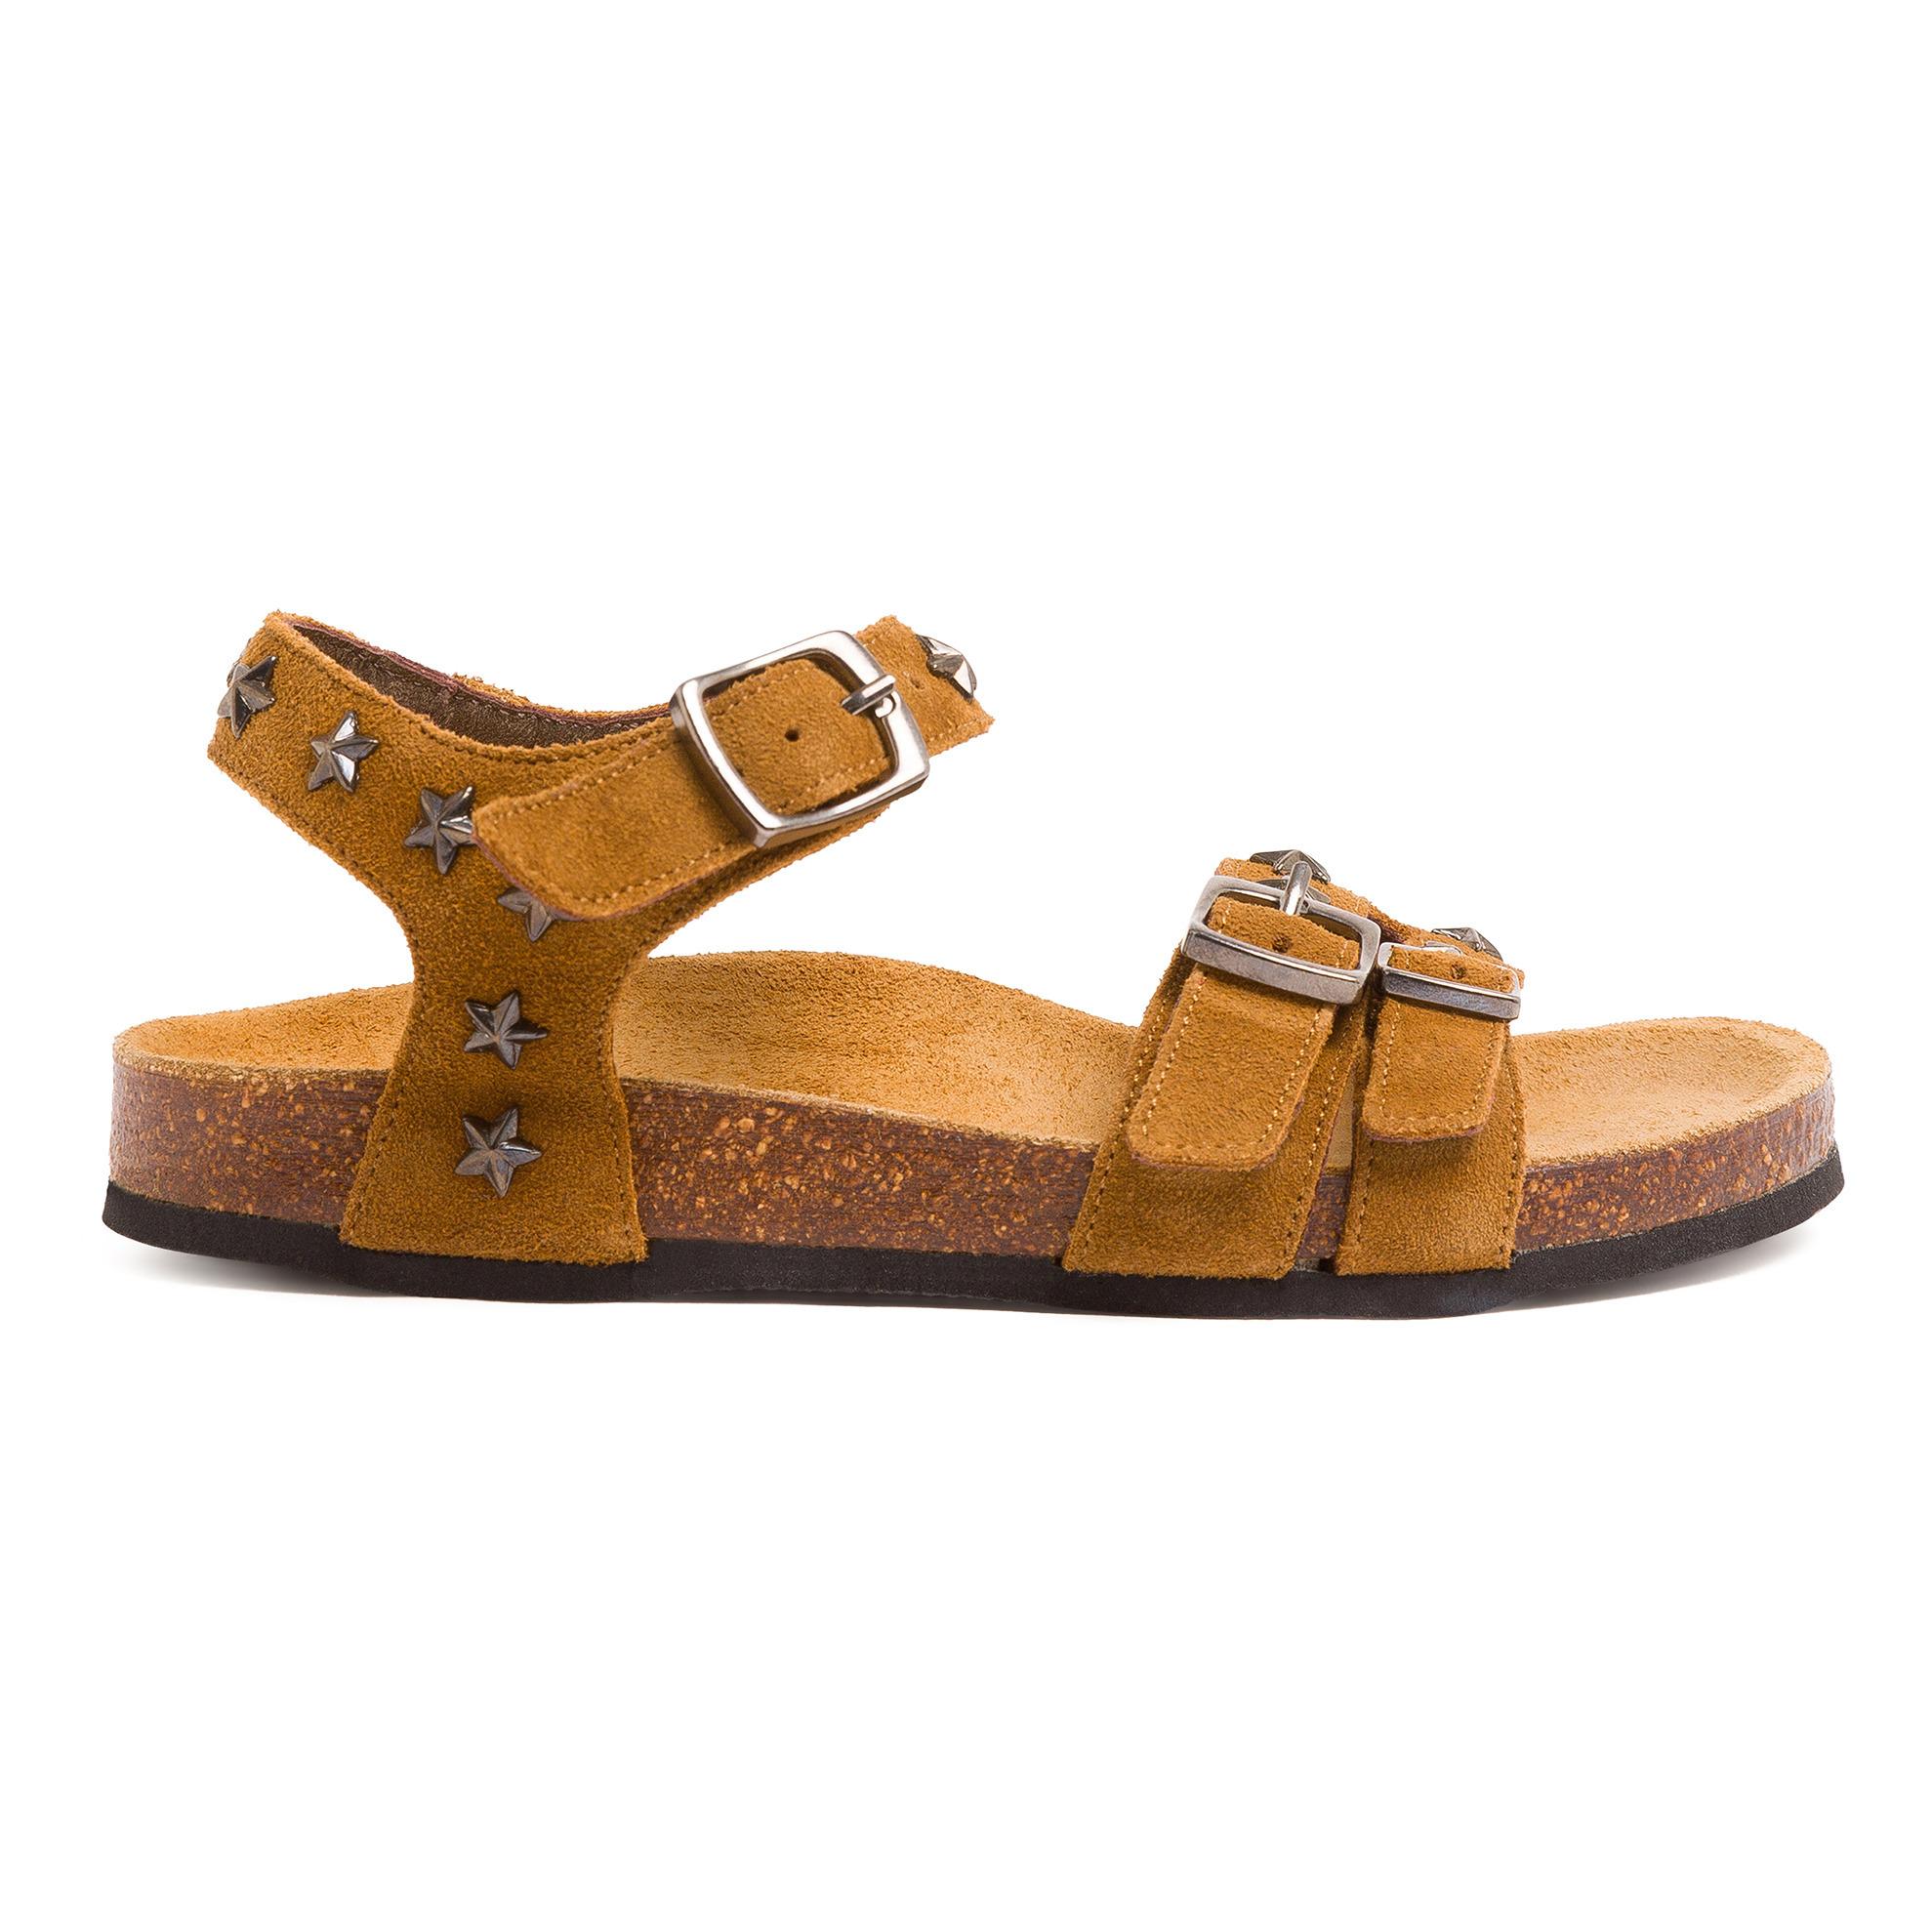 Sandales Cloutées Panama